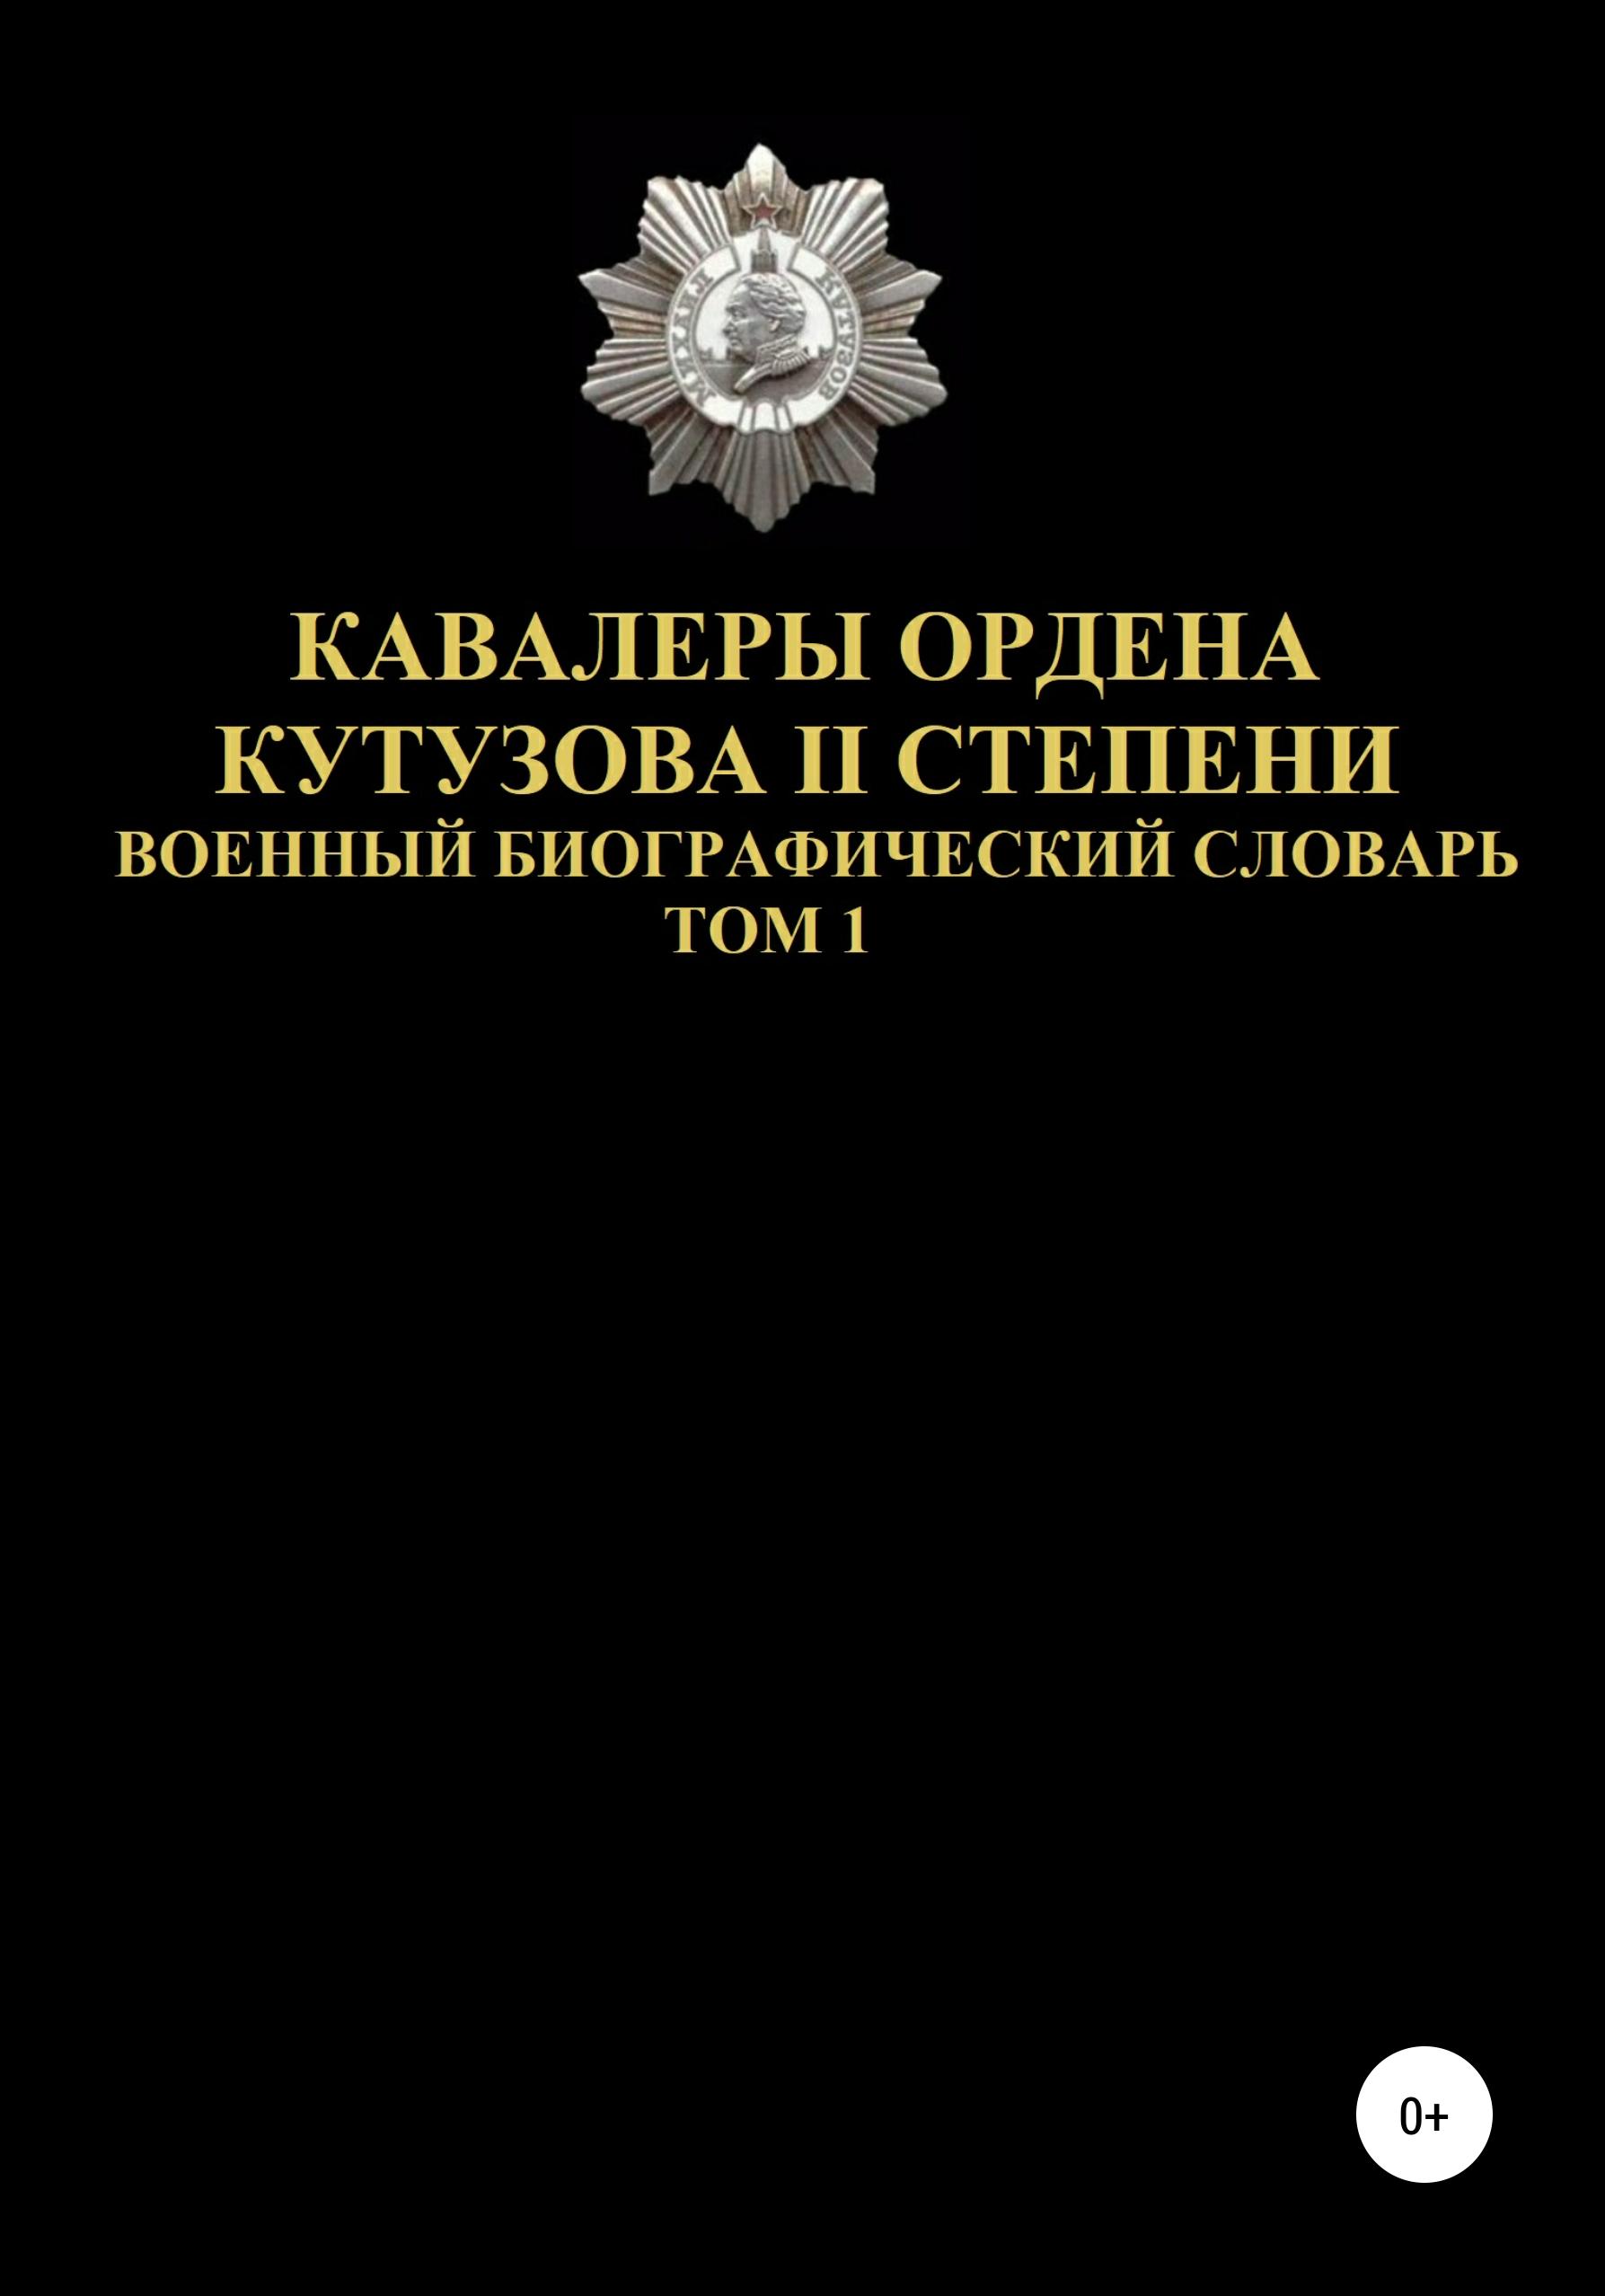 Денис Юрьевич Соловьев Кавалеры ордена Кутузова II степени. Том 1